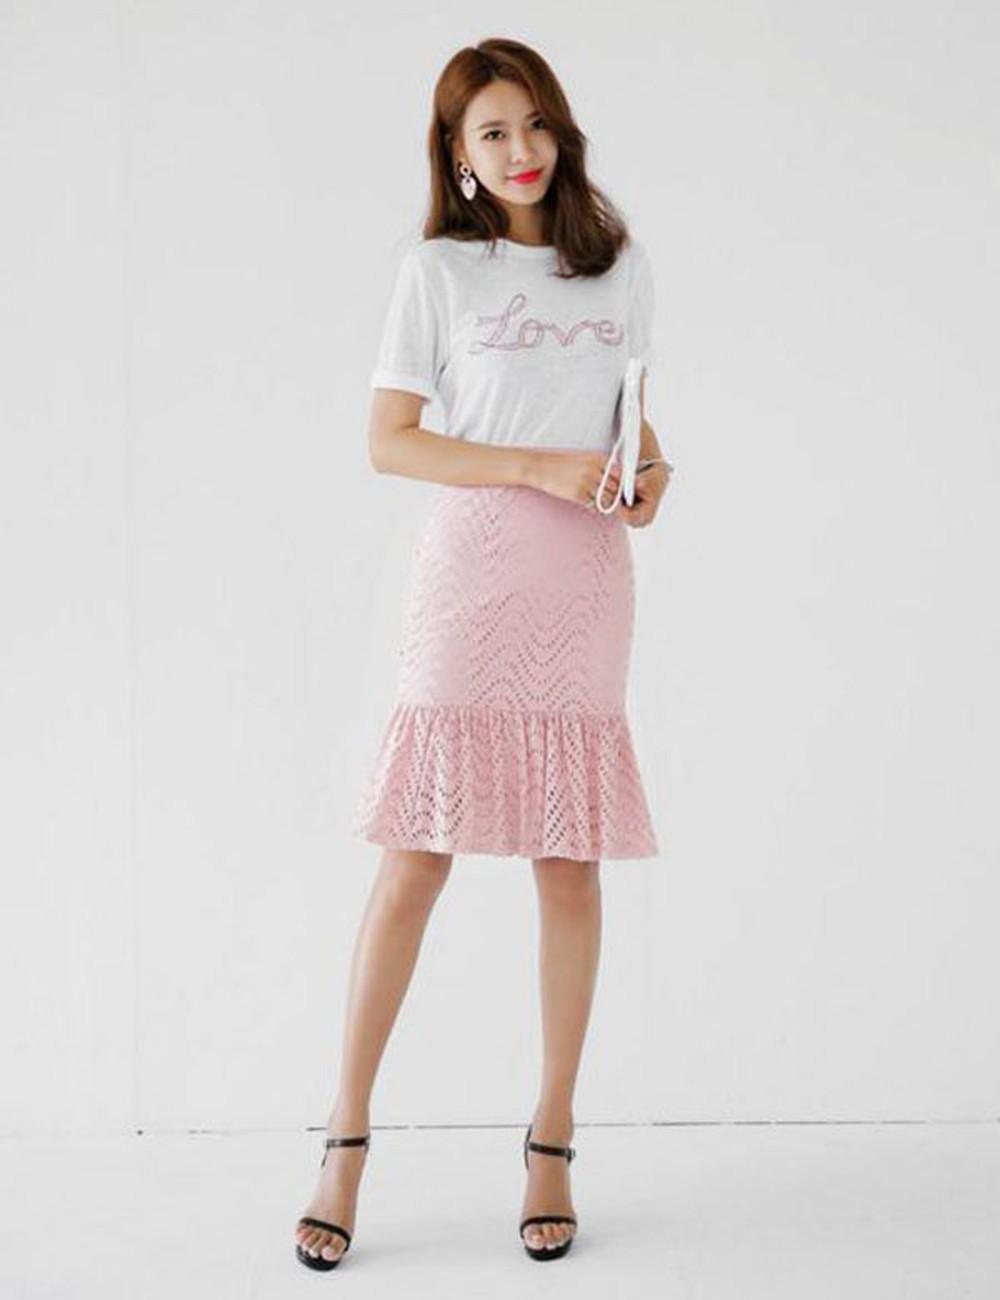 4 kiểu chân váy dài qua gối cực phù hợp để diện trong ngày Tết, vừa đẹp vừa không lo hớ hênh - Ảnh 12